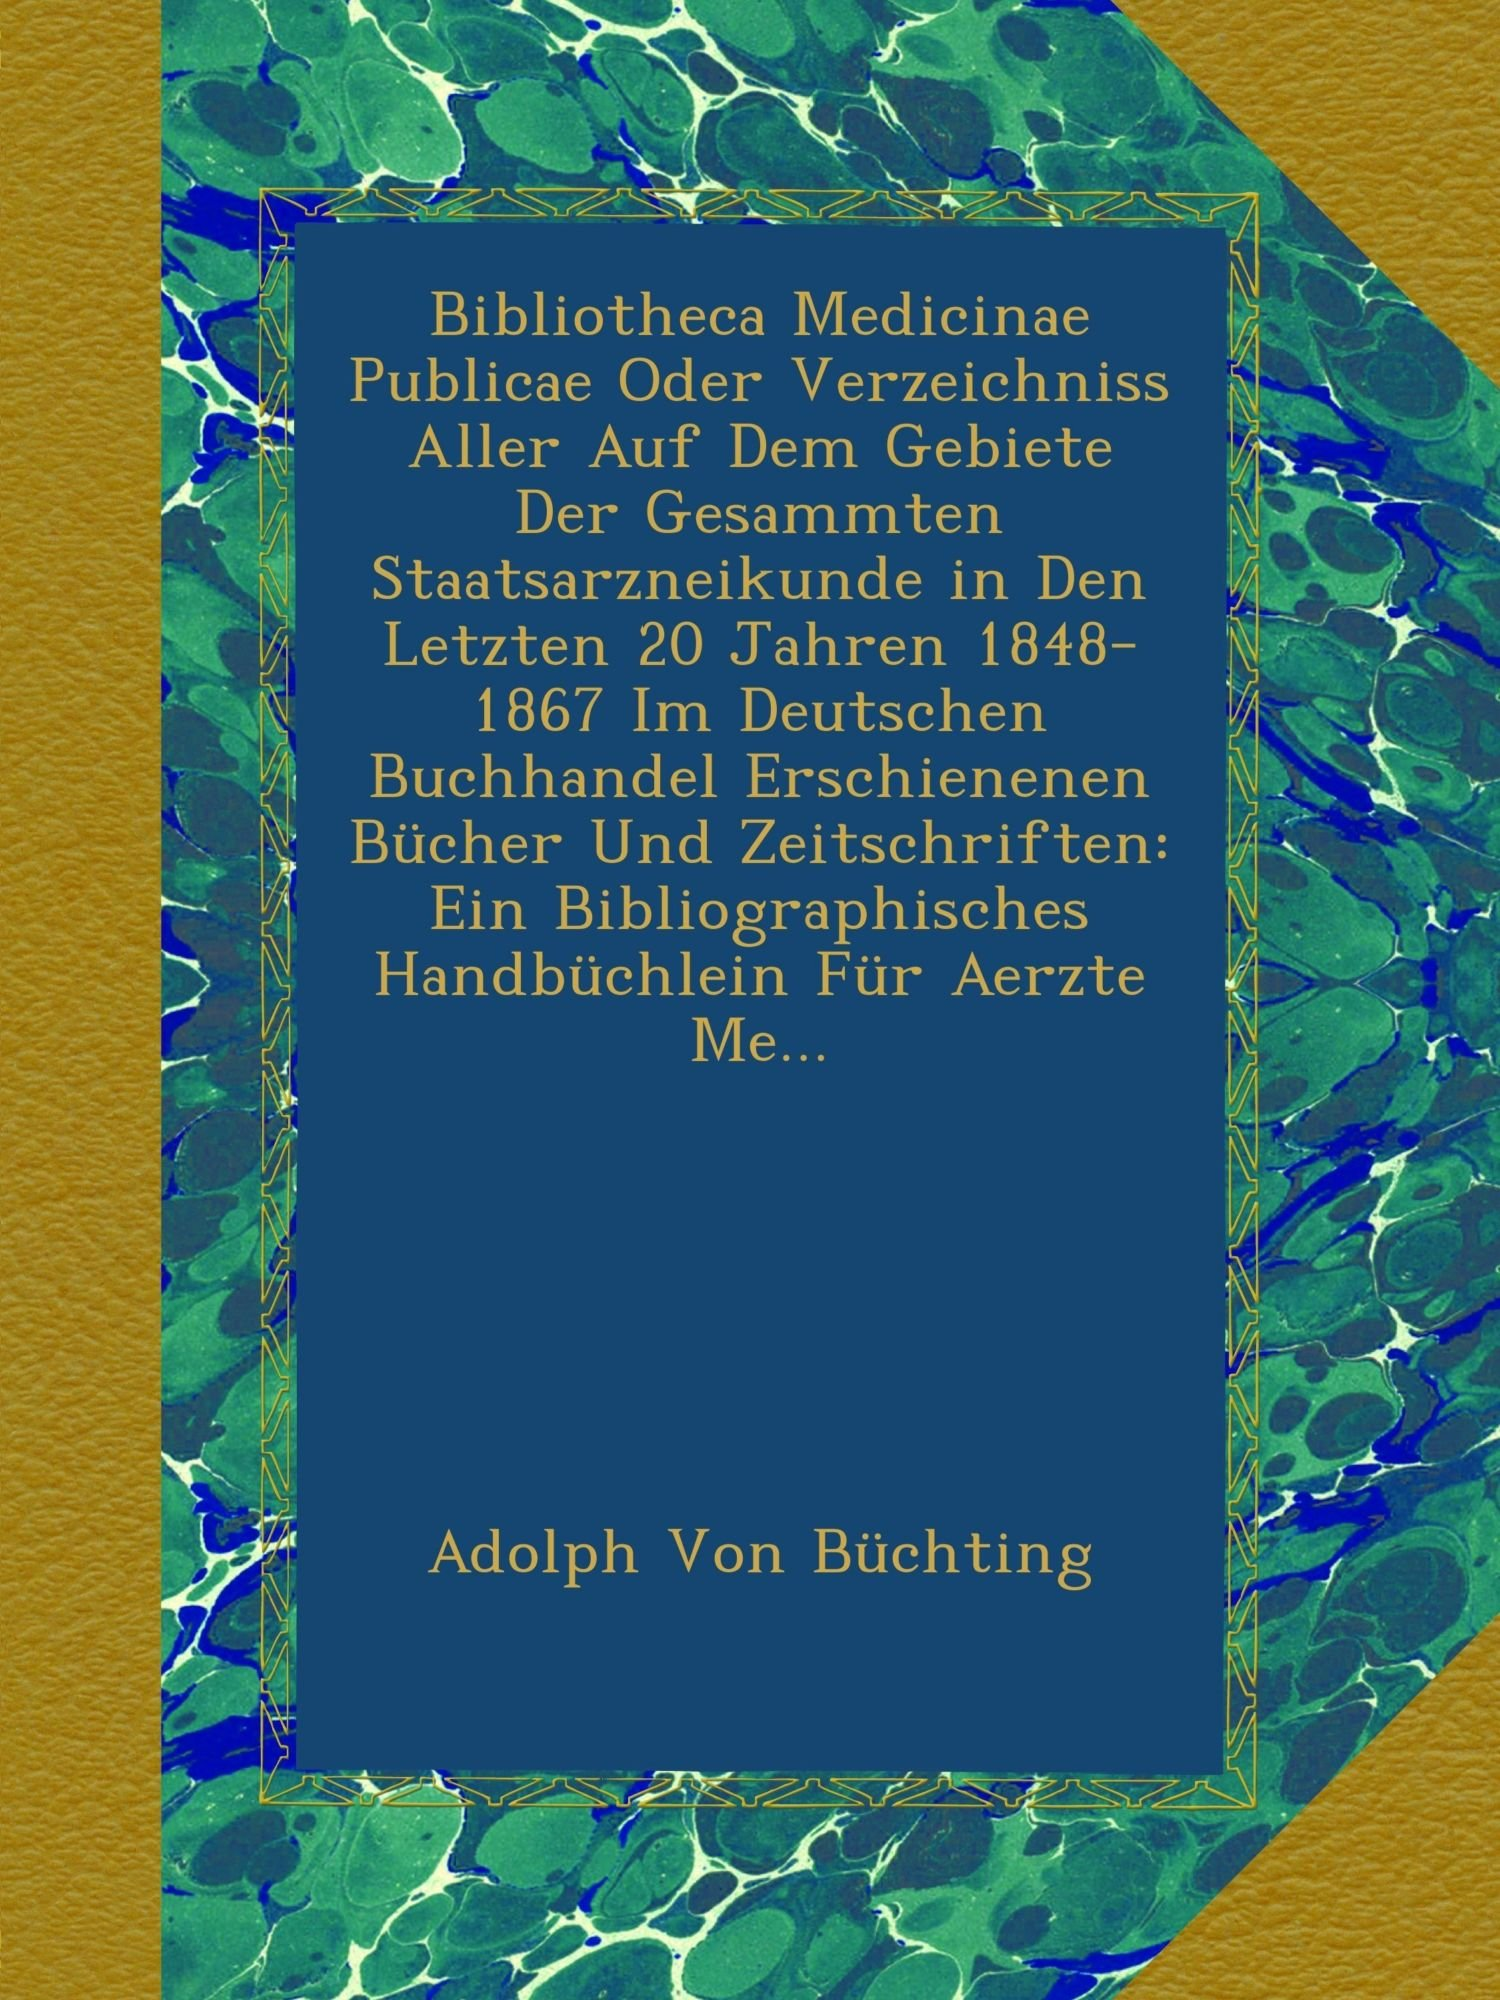 Download Bibliotheca Medicinae Publicae Oder Verzeichniss Aller Auf Dem Gebiete Der Gesammten Staatsarzneikunde in Den Letzten 20 Jahren 1848-1867 Im Deutschen ... Für Aerzte Me... (German Edition) ebook